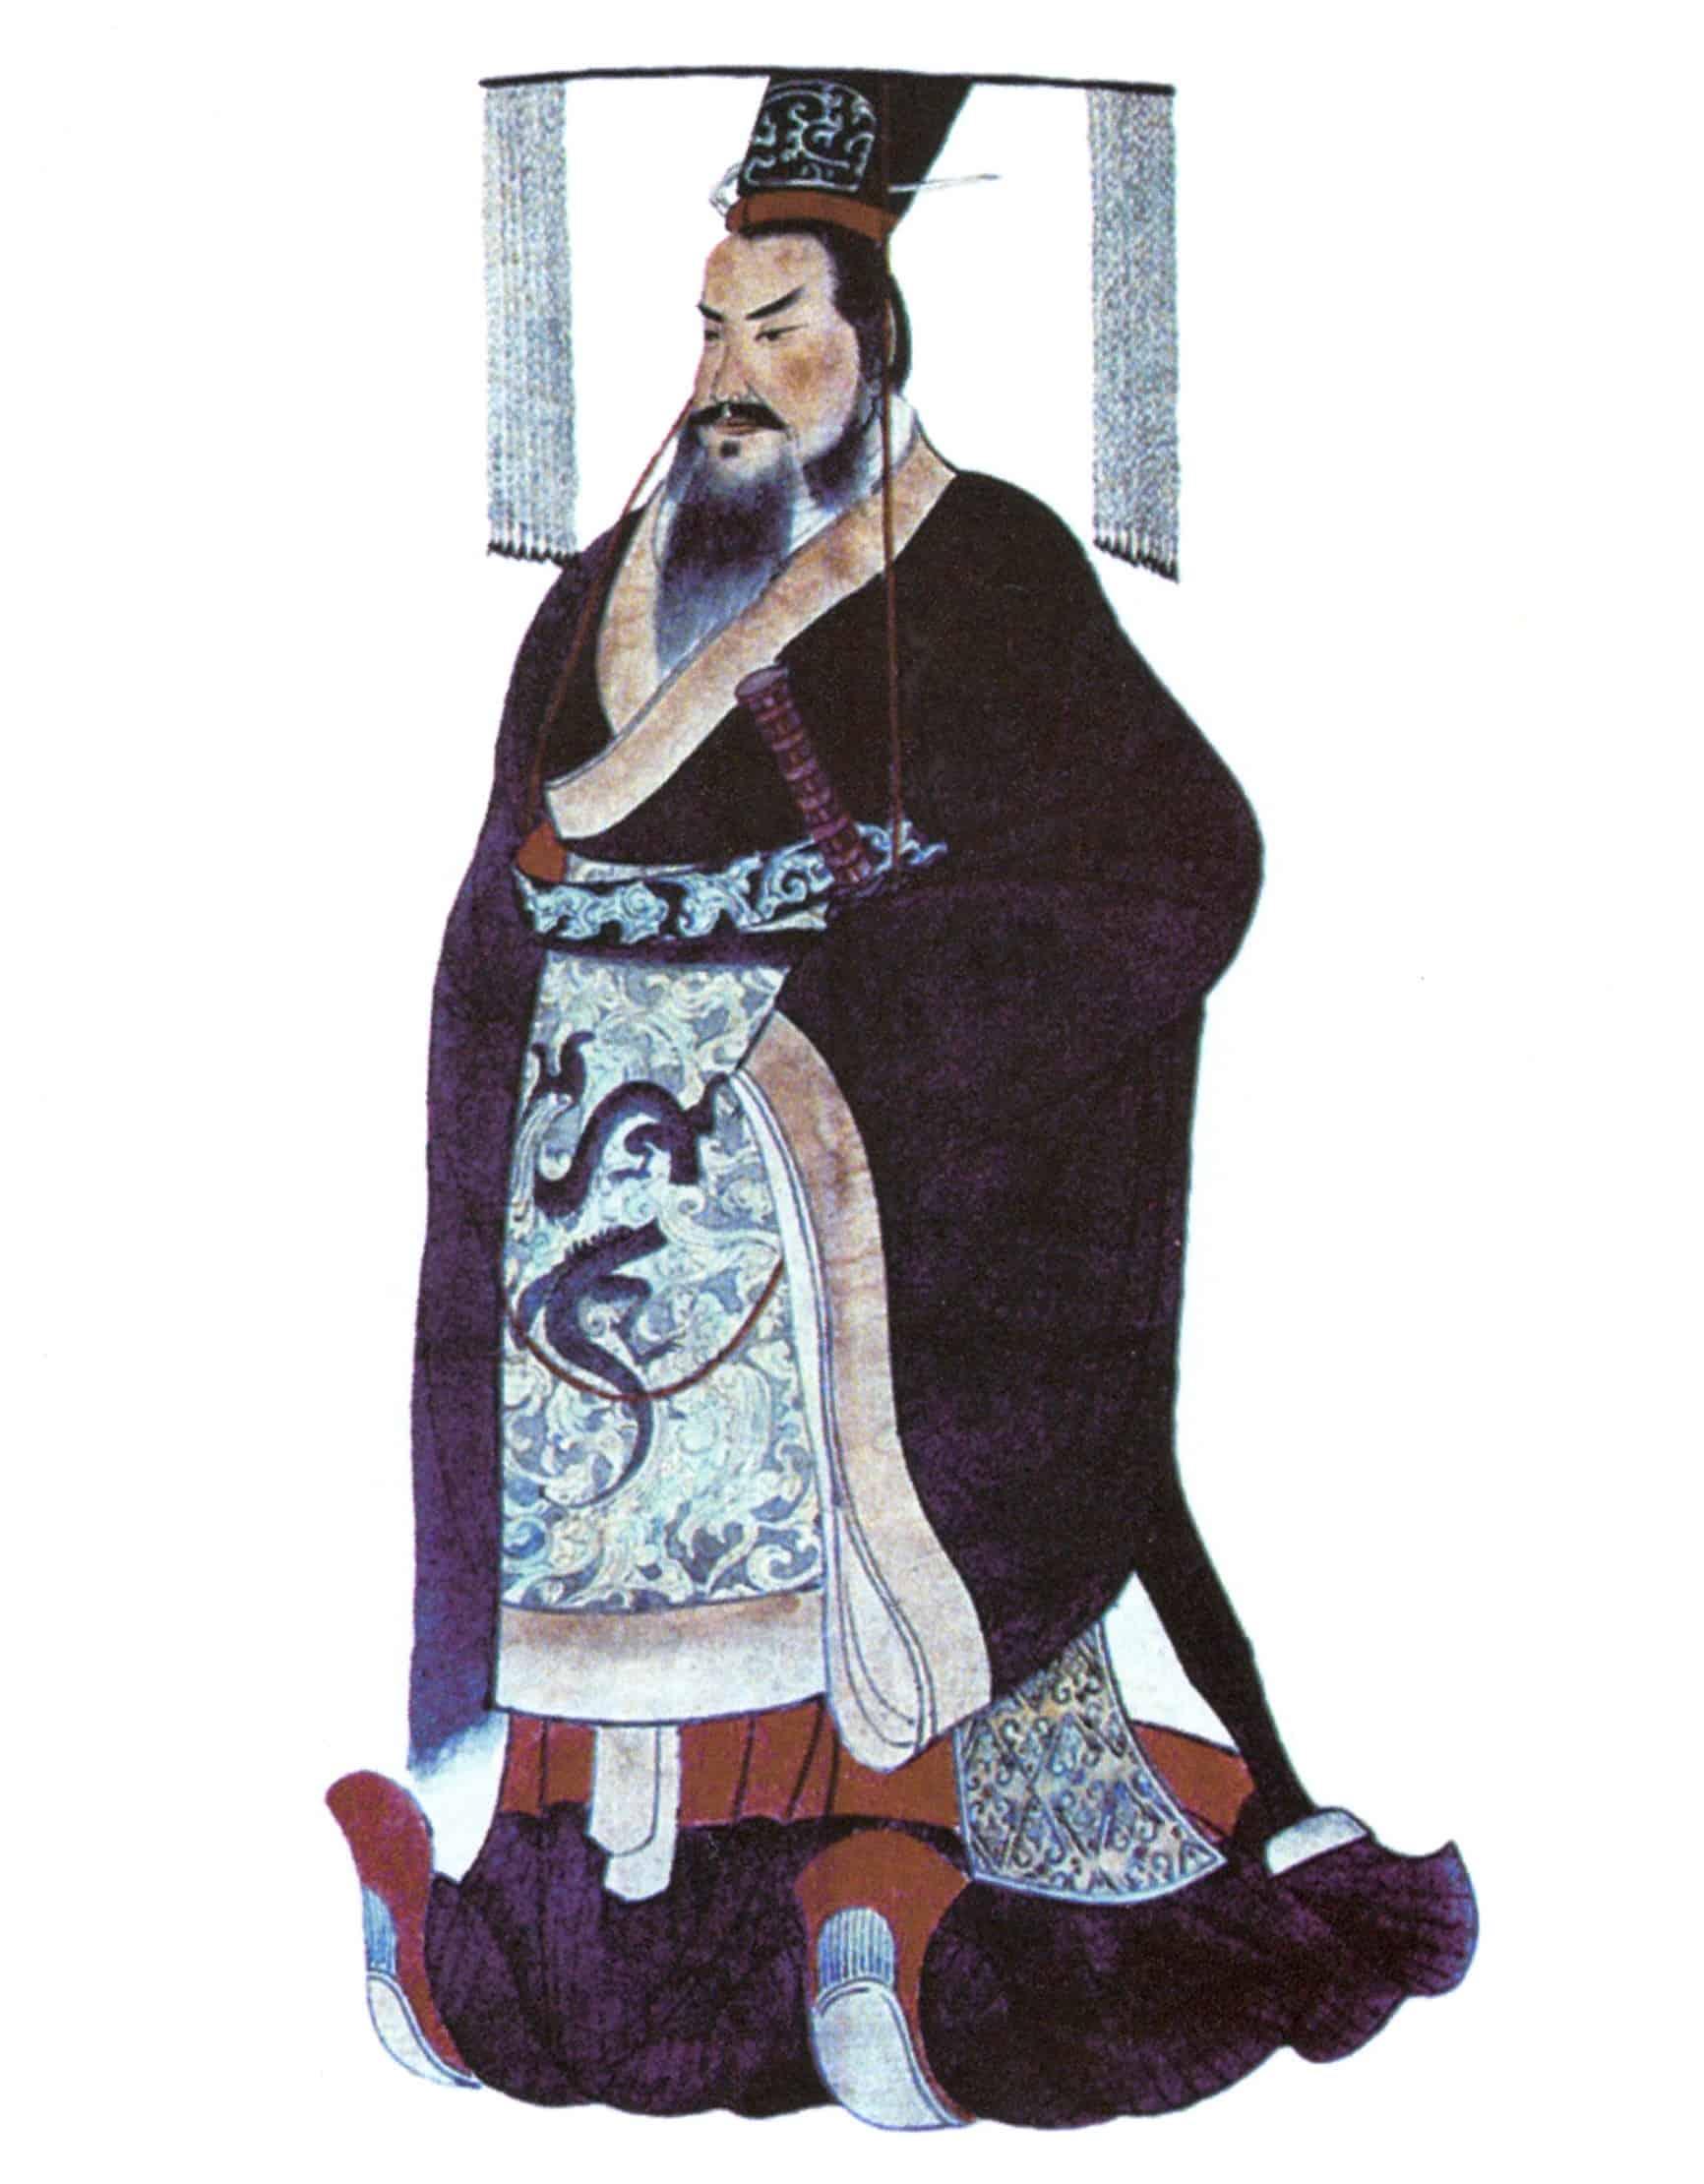 Emperor Qin Shi Huang of China